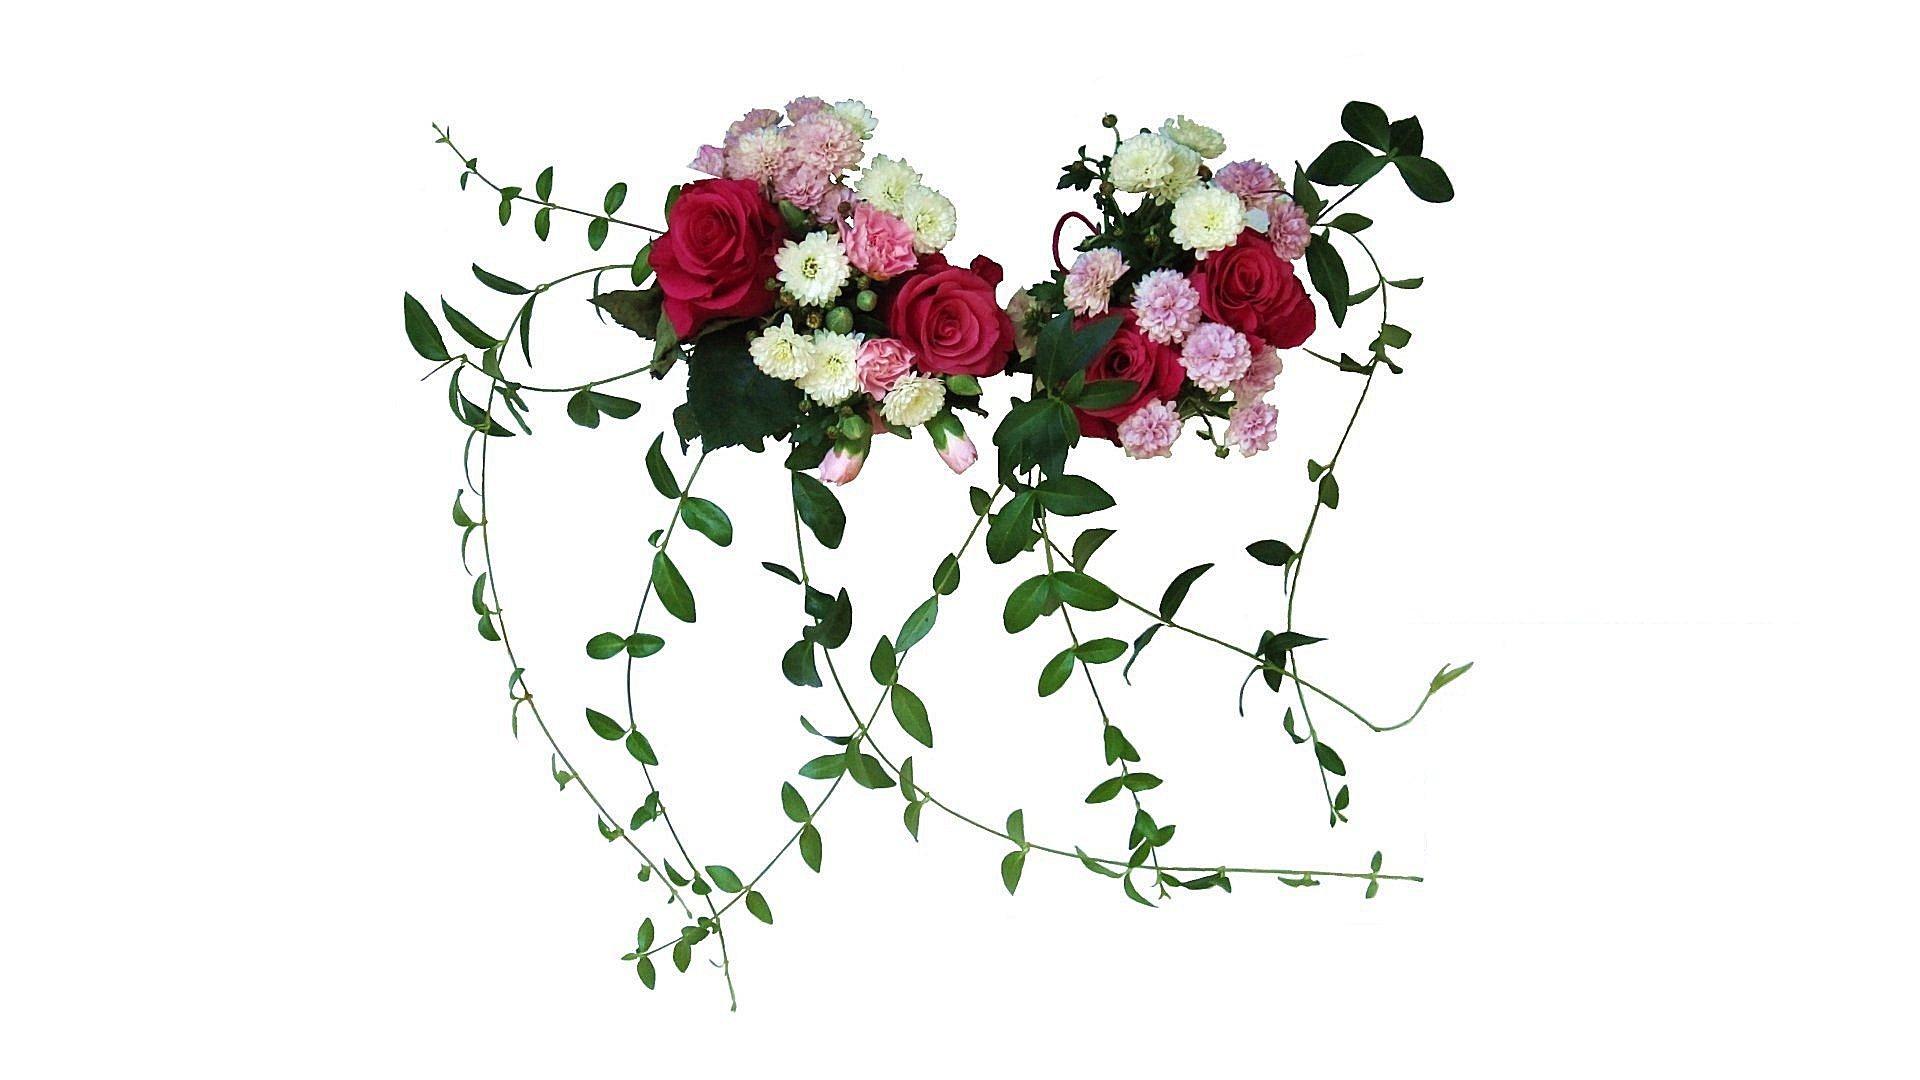 Gambar Cabang Mekar Menanam Daun Bunga Flora Bunga